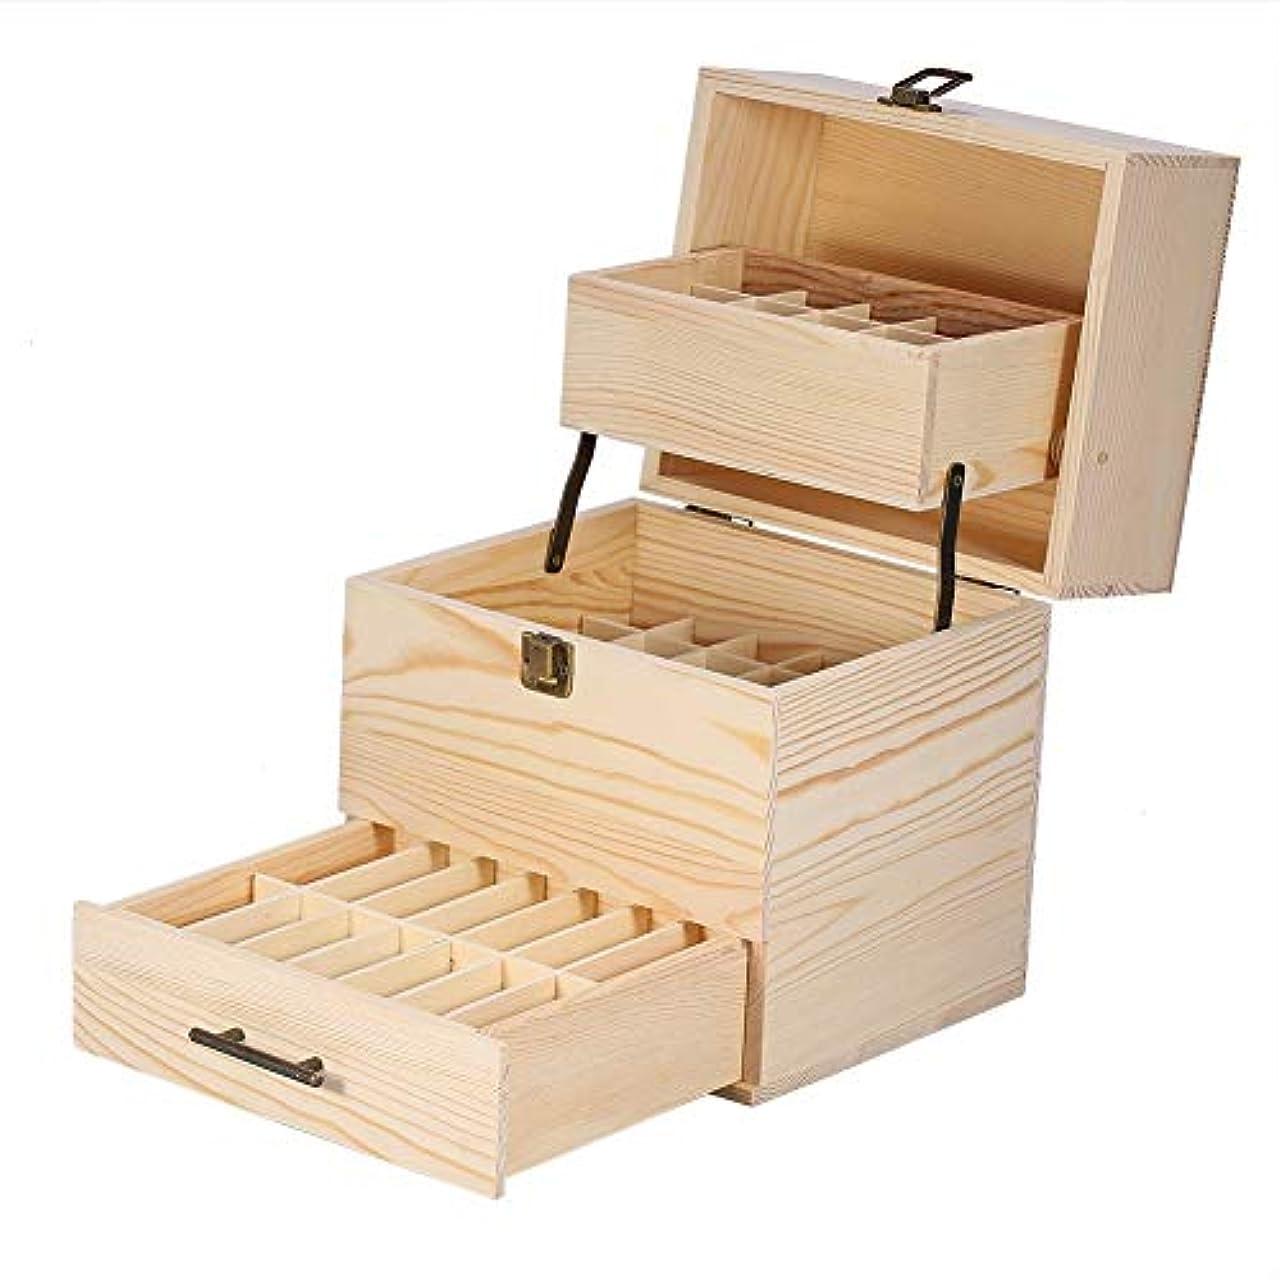 通り抜けるカレンダー真空木製の三層エッセンシャルオイル収納ボックス